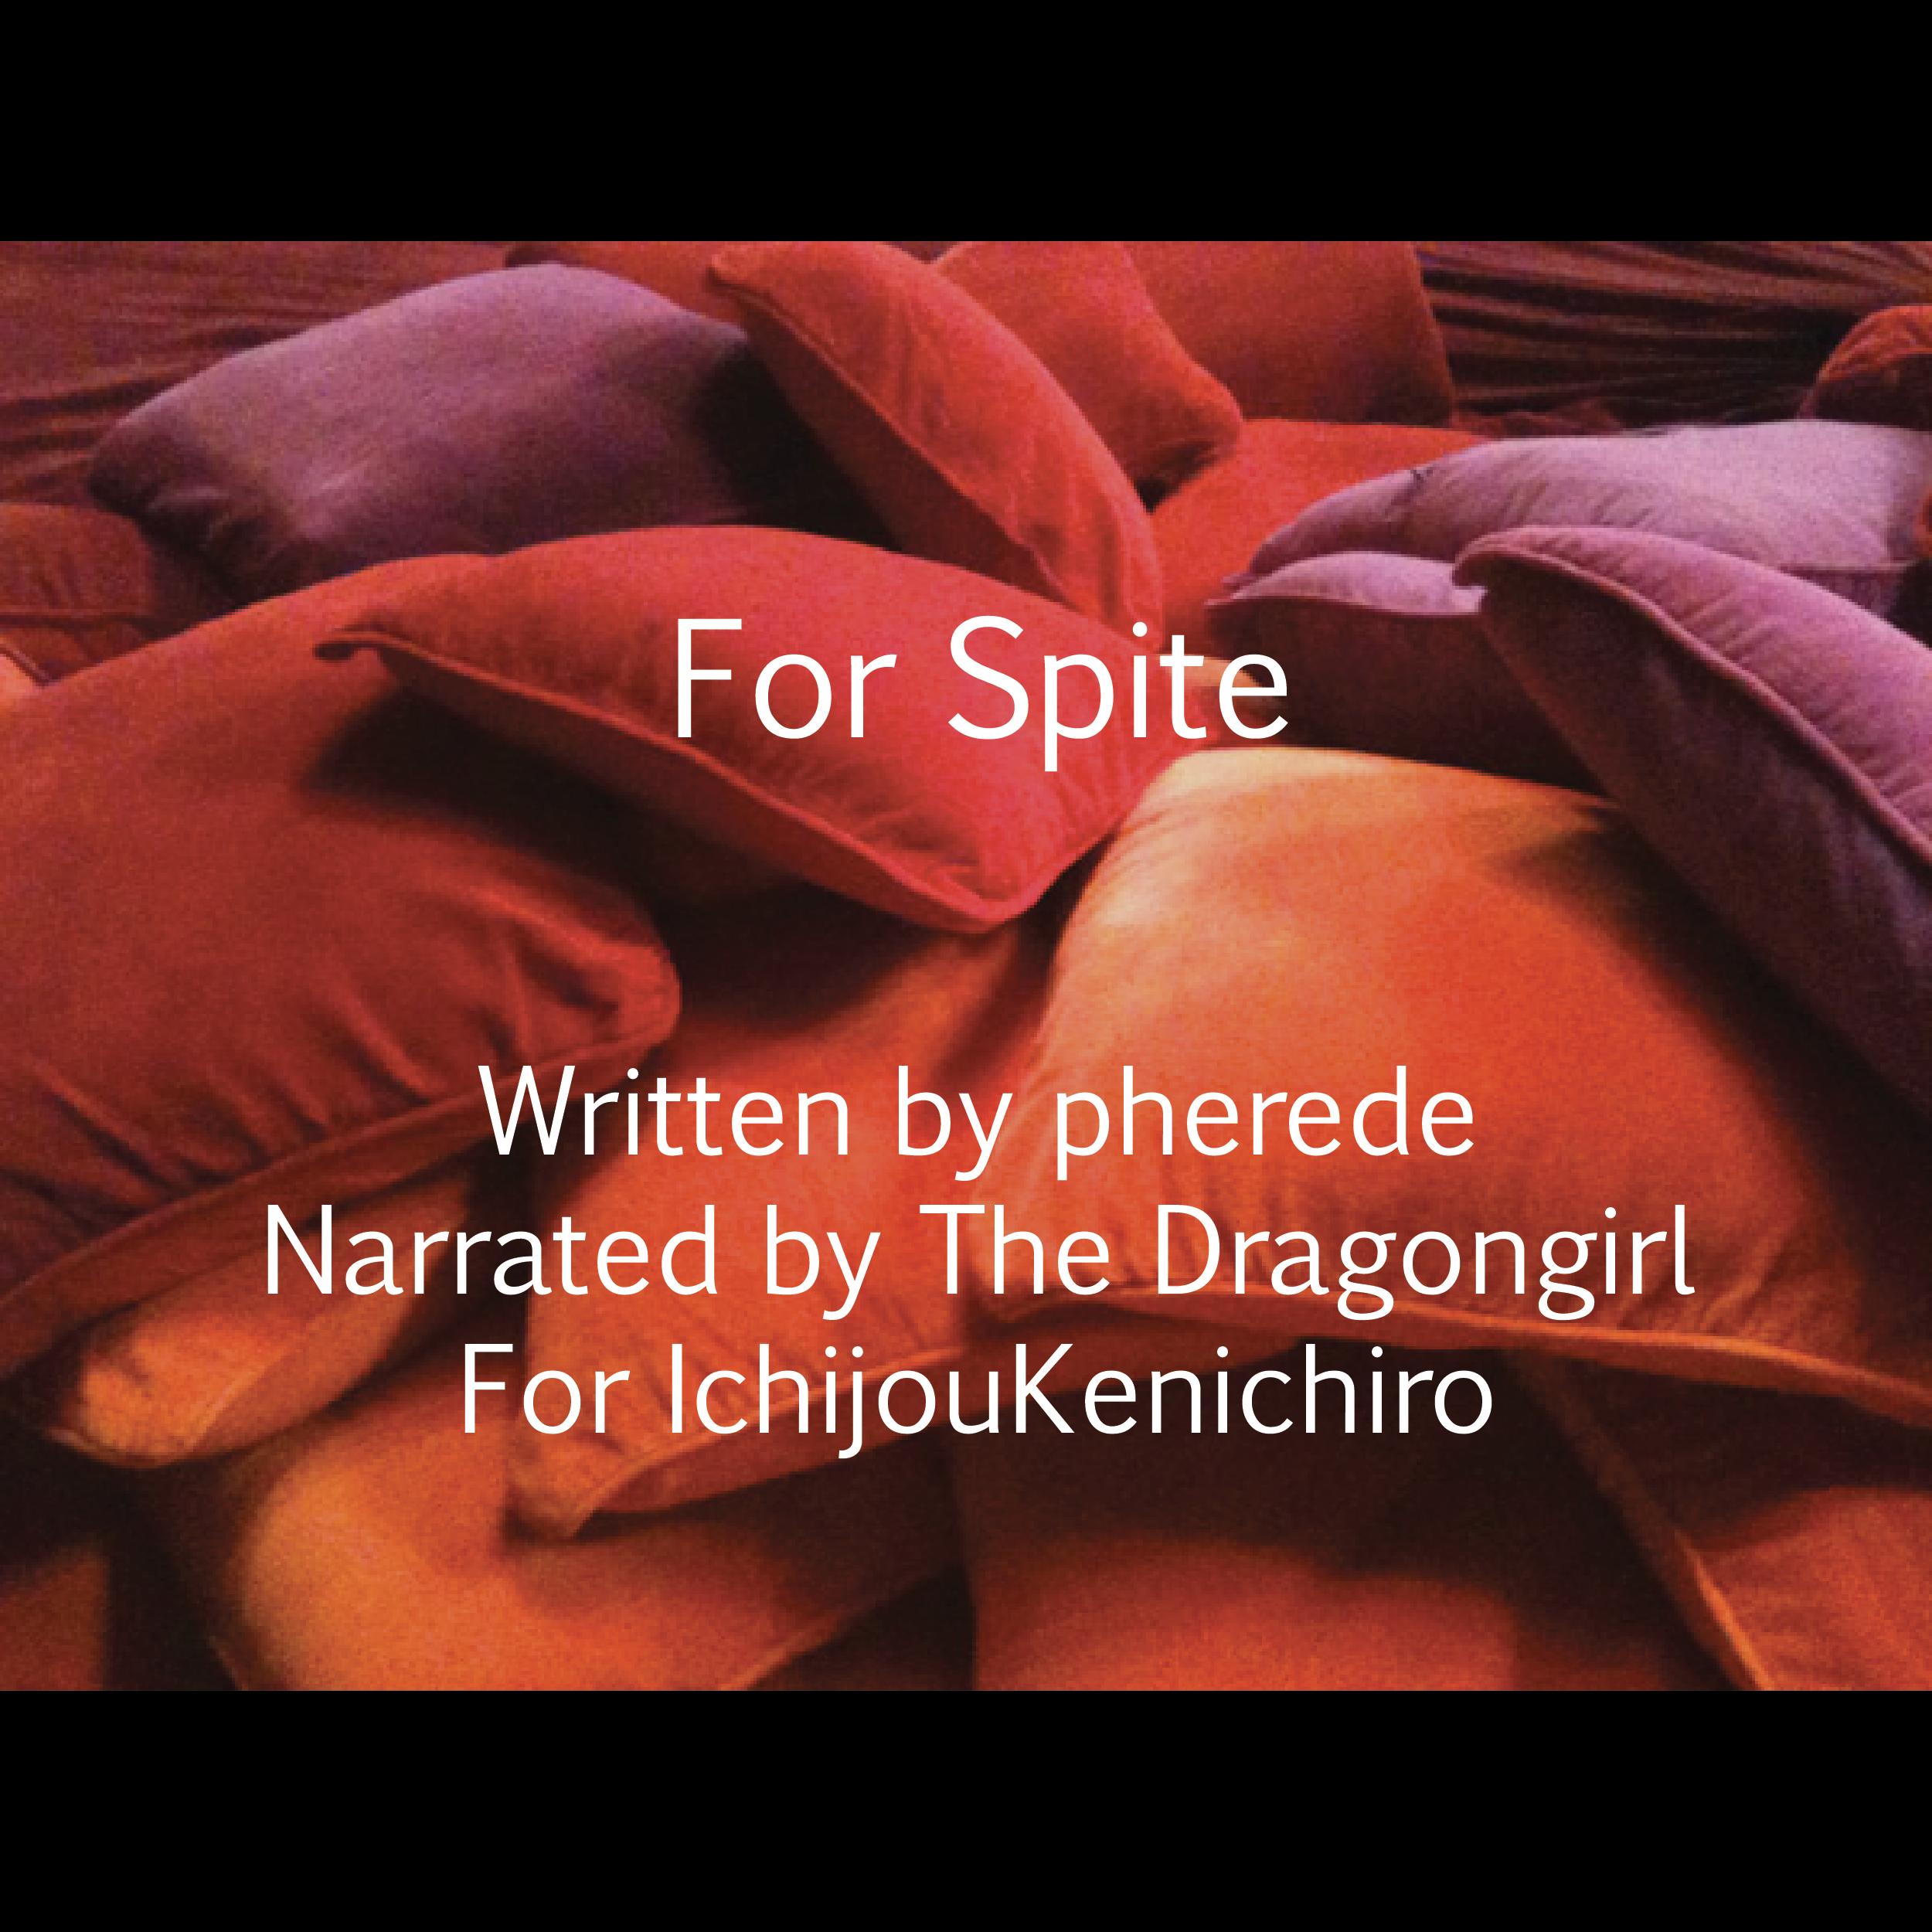 For Spite Album Cover